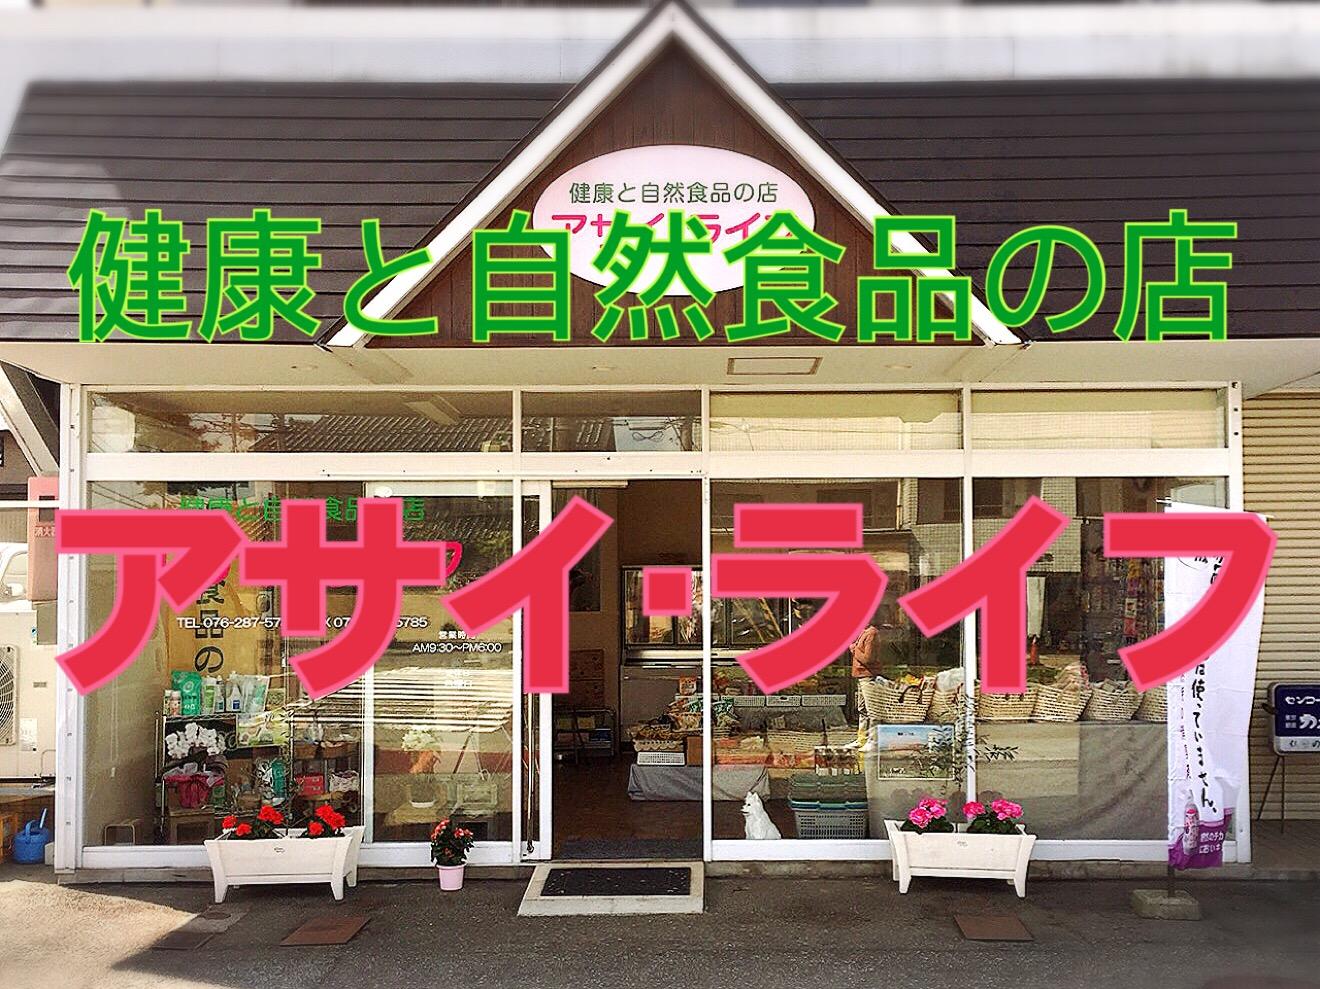 健康と自然食品のお店 アサイ・ライフ店長ブログ